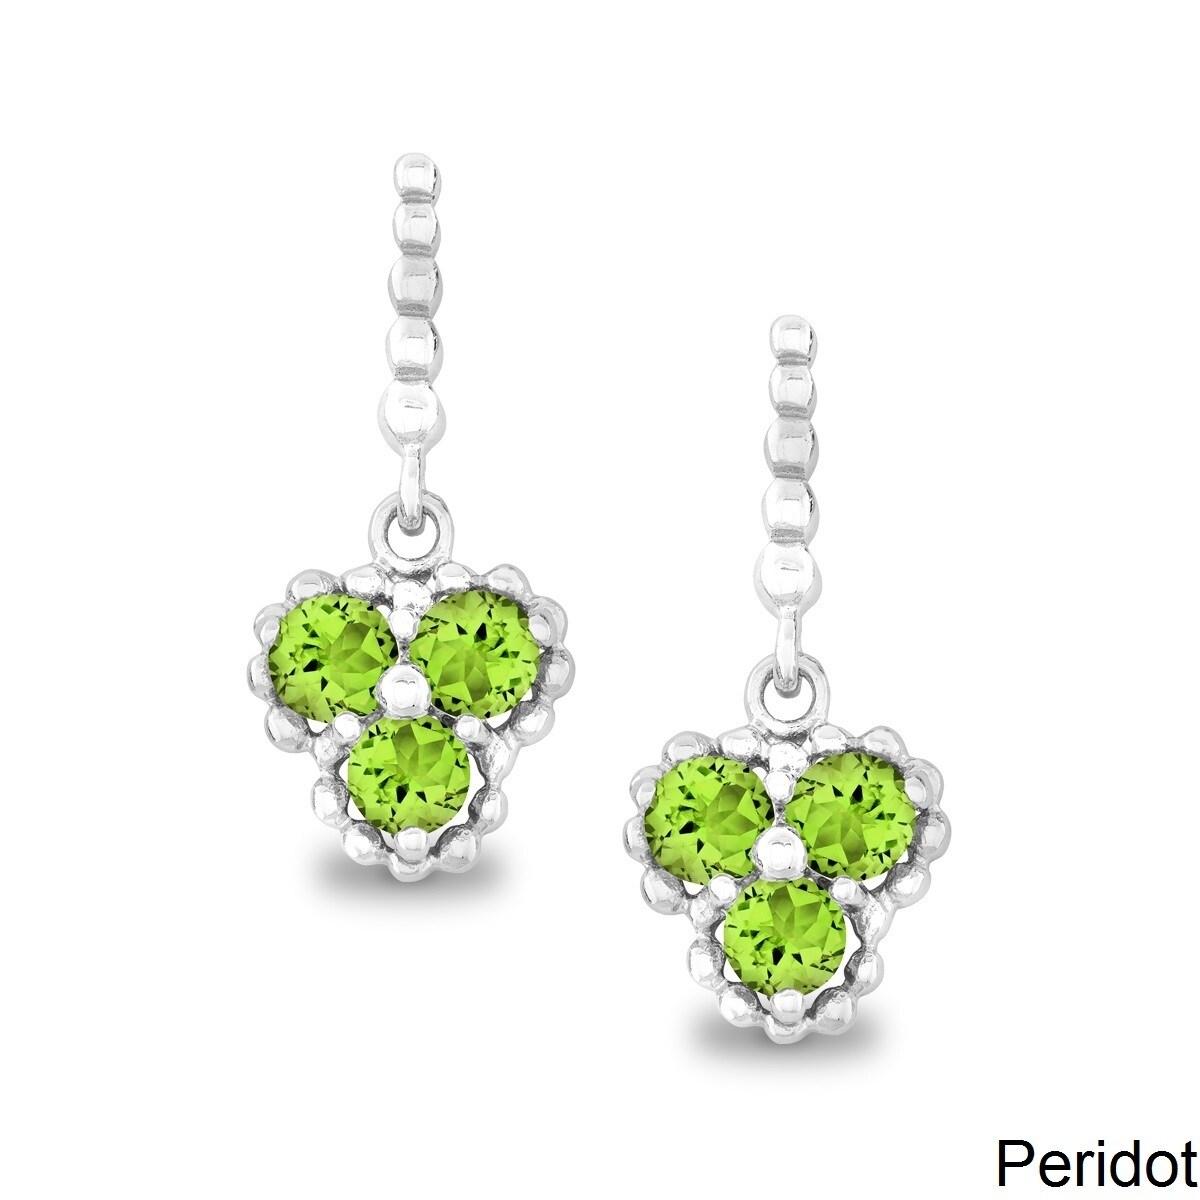 La Preciosa Sterling Silver Triple Gemstone Earrings